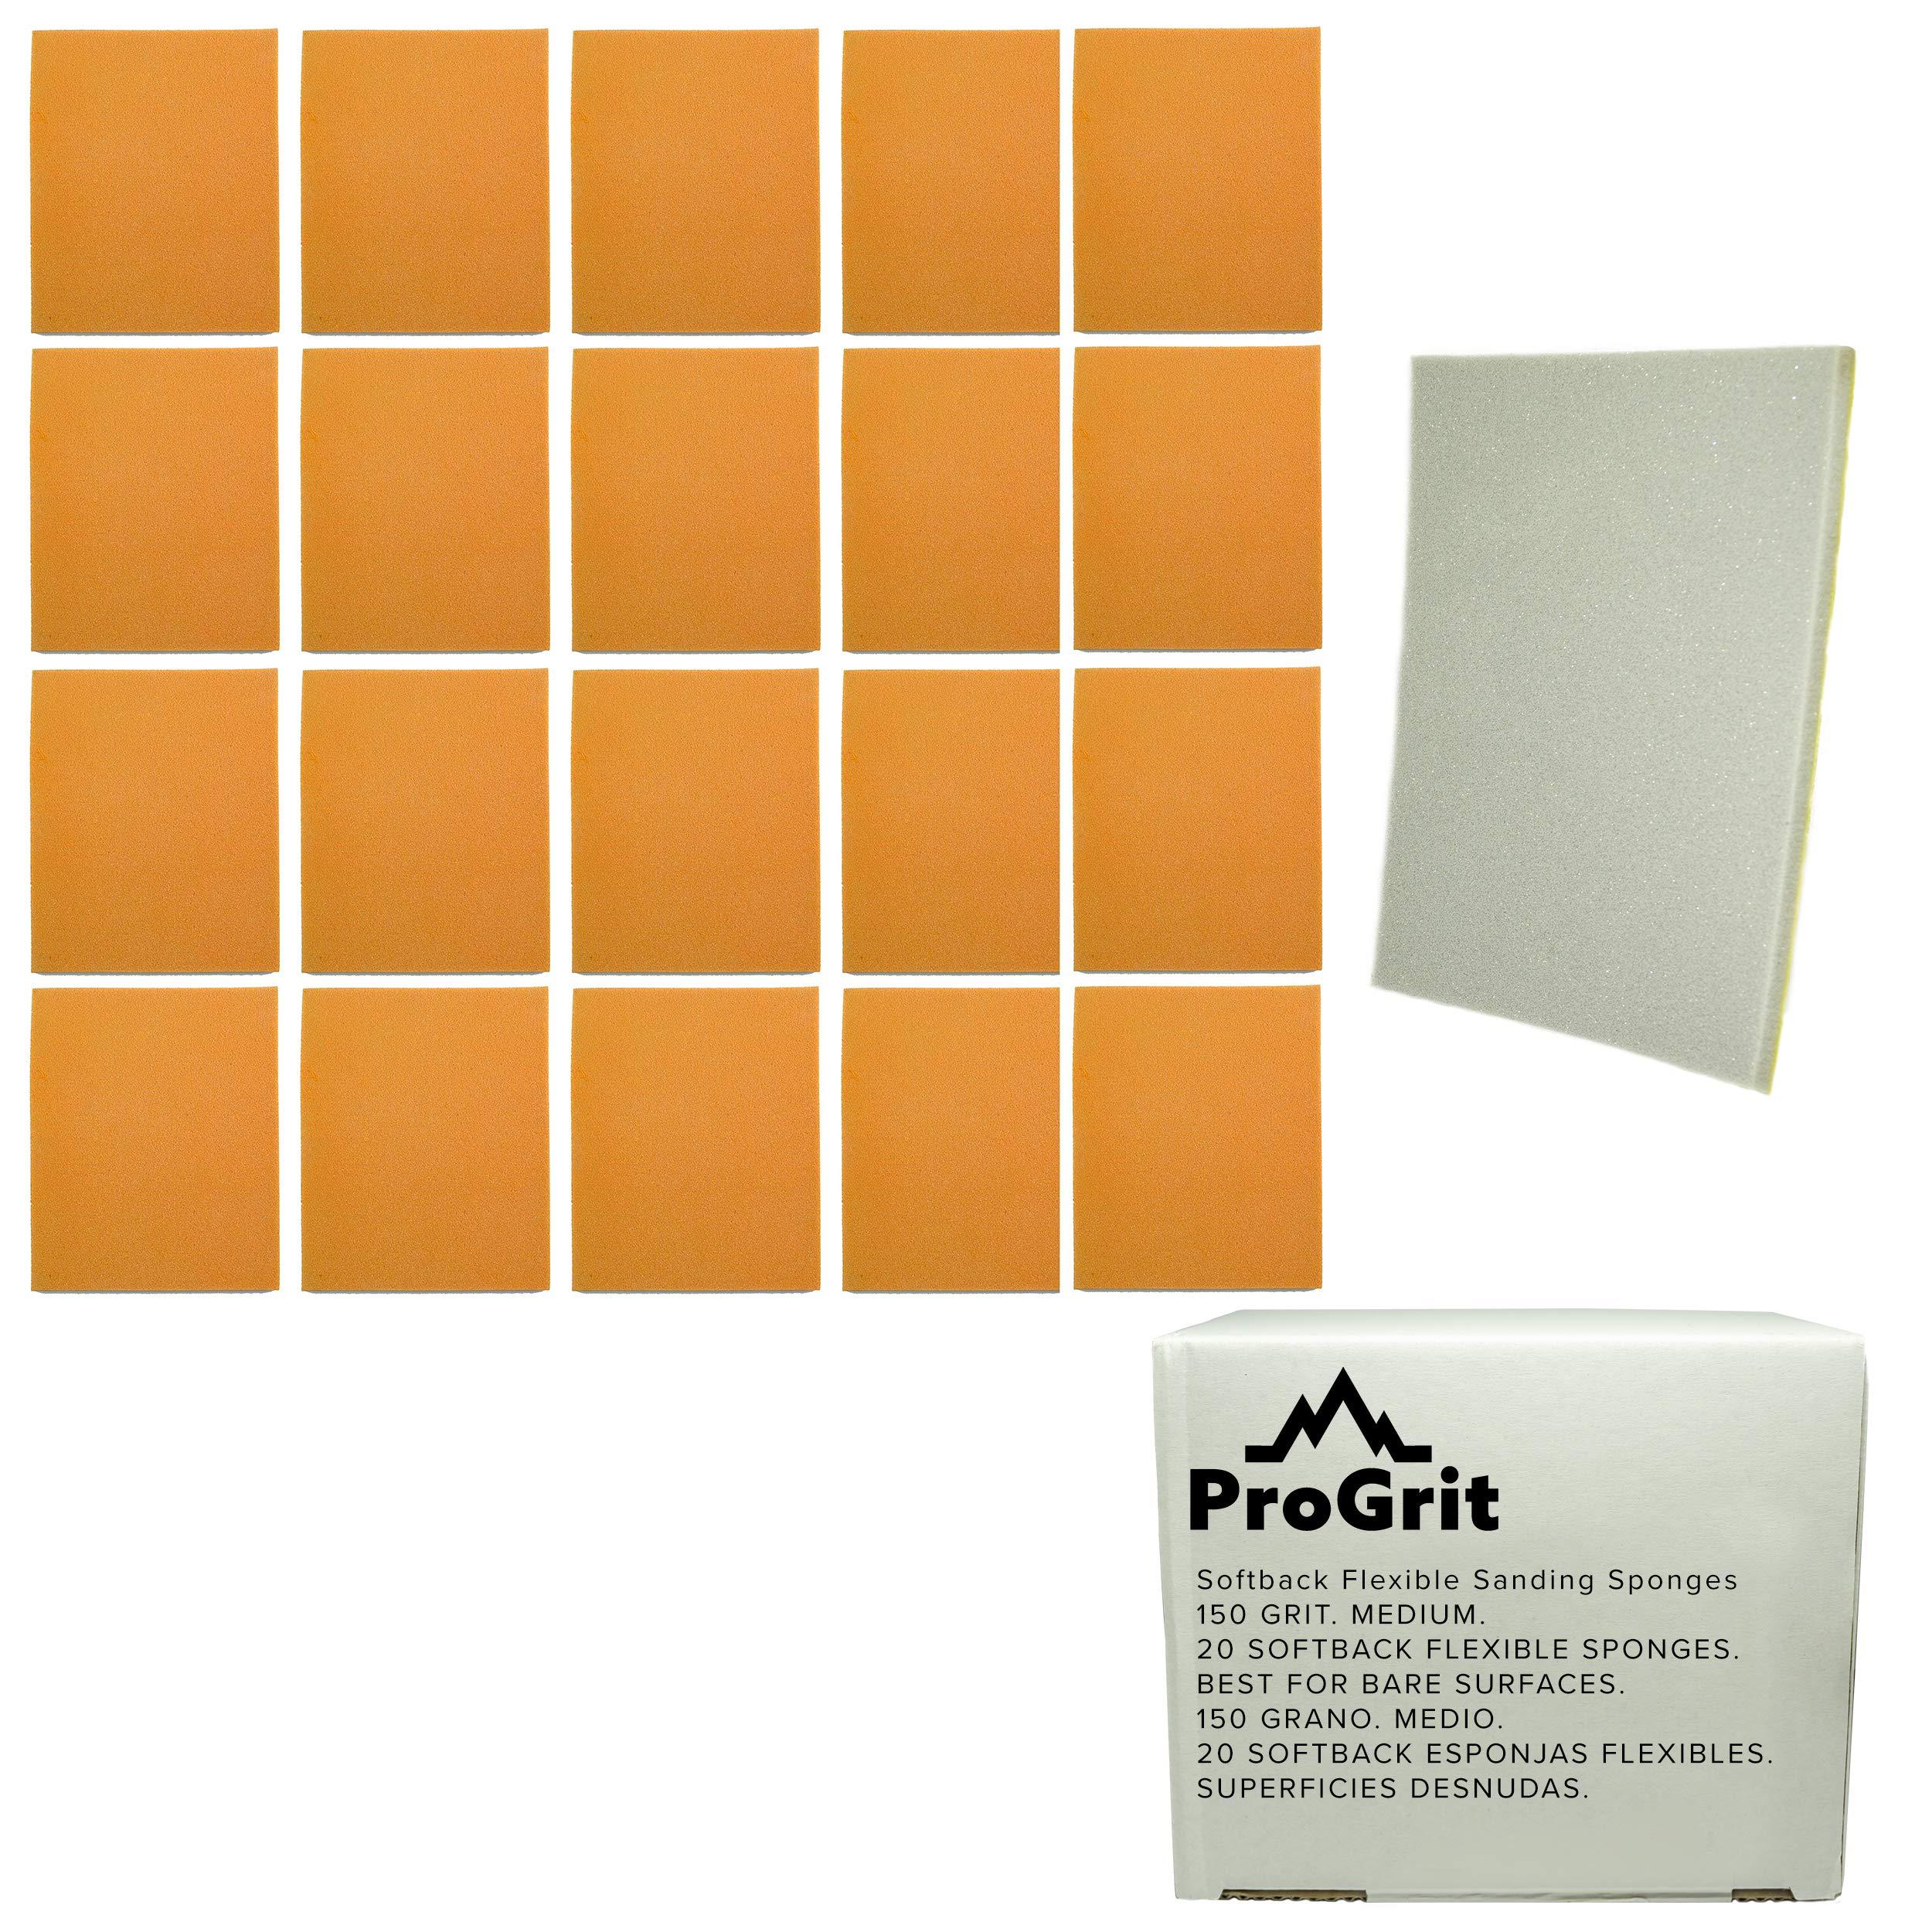 20 Pack ProGrit Hand Sanding Sponges Medium 150 Grit Bare Surface Flexible Softback Wet Dry